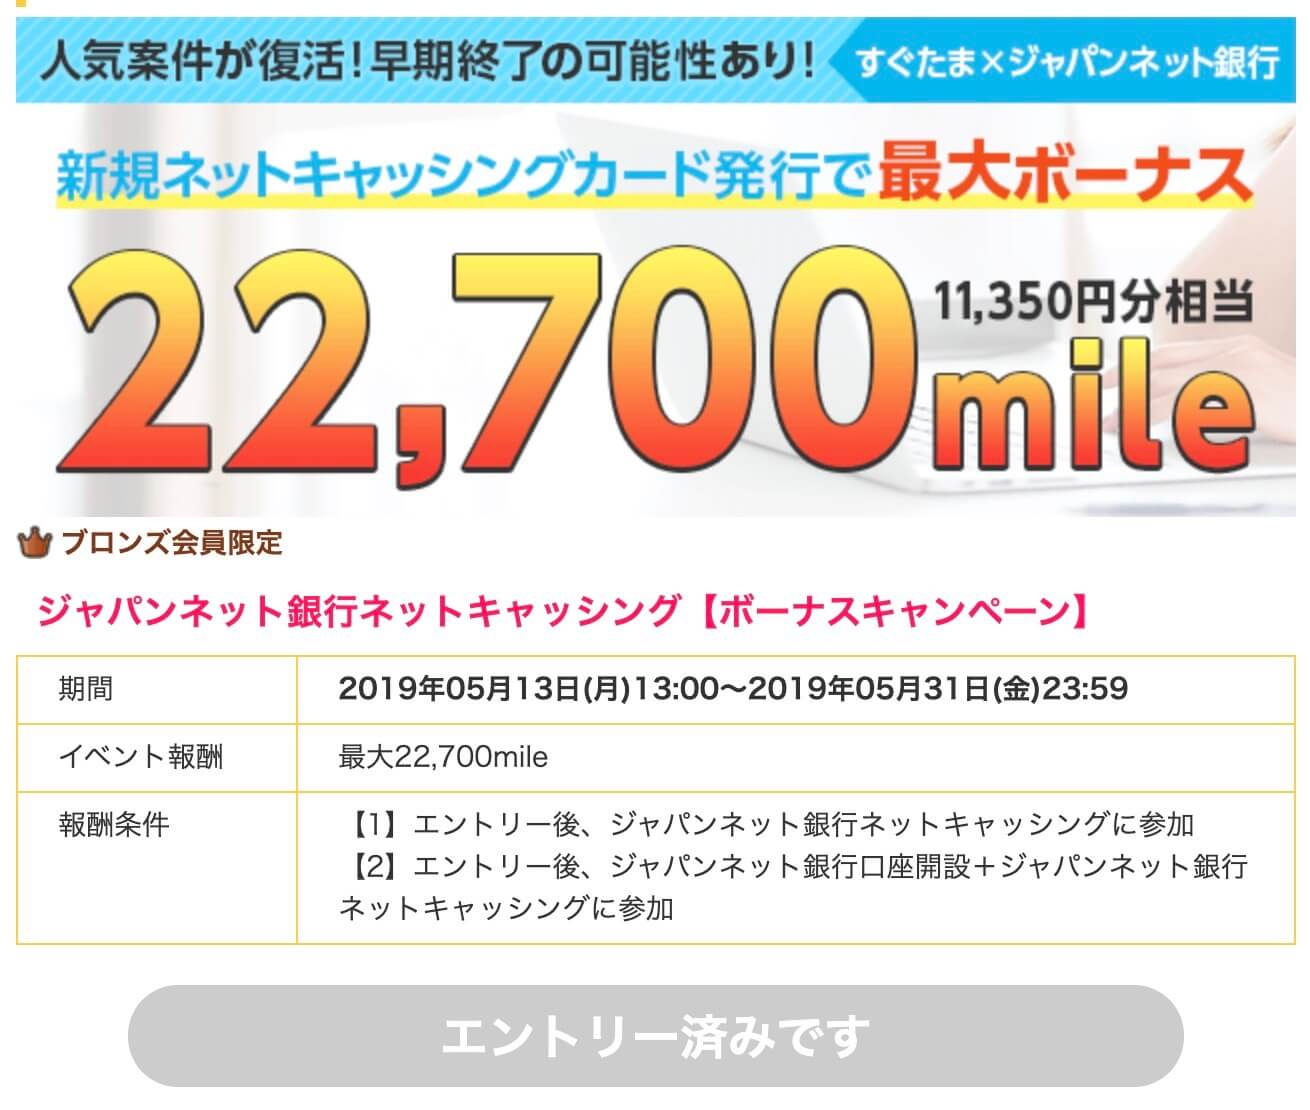 すぐたまジャパンネット銀行キャンペーン